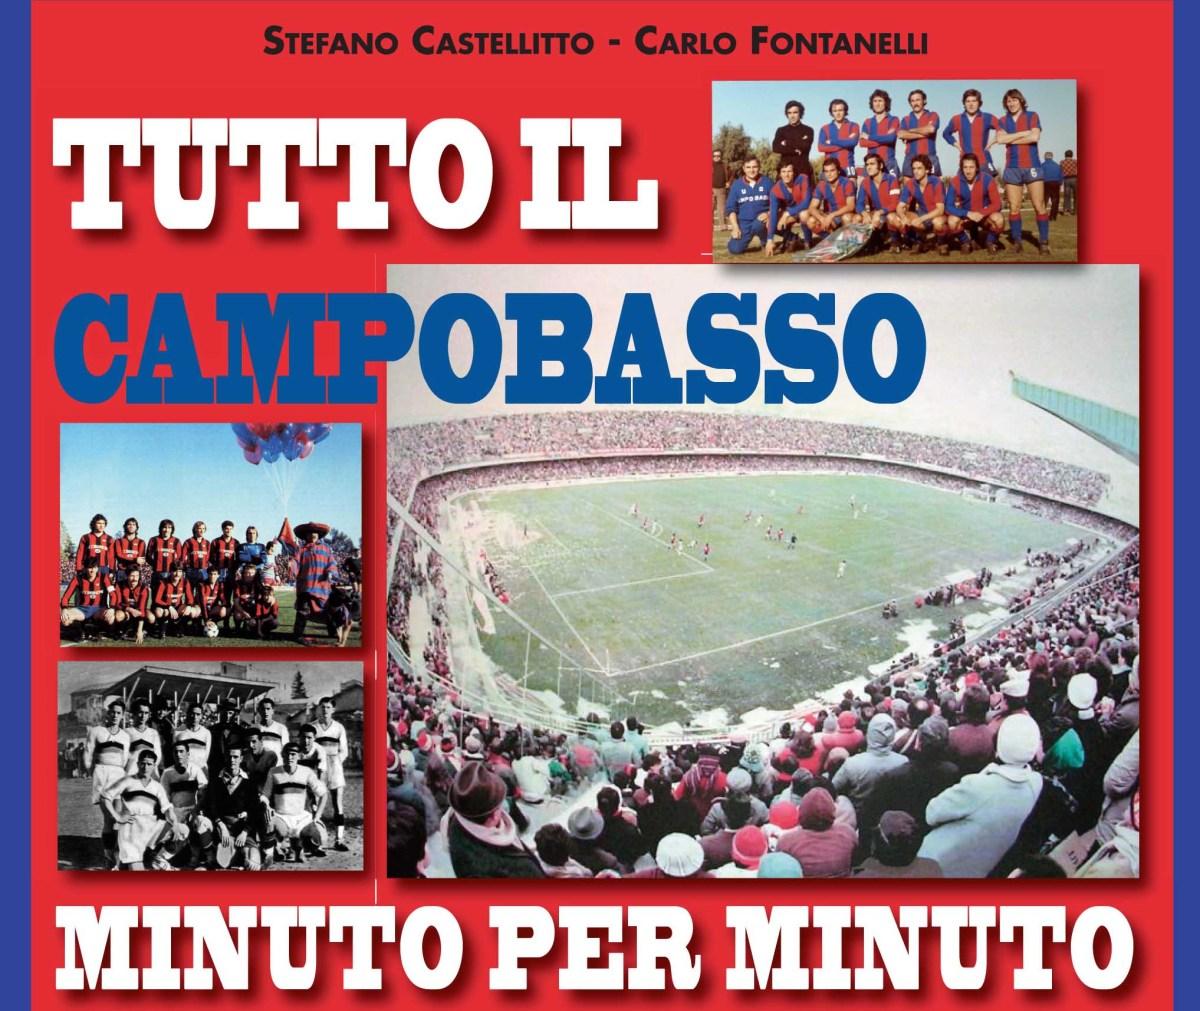 """""""Tutto il Campobasso minuto per minuto"""", il volume di Stefano Castellitto pietra miliare della storia rossoblù"""